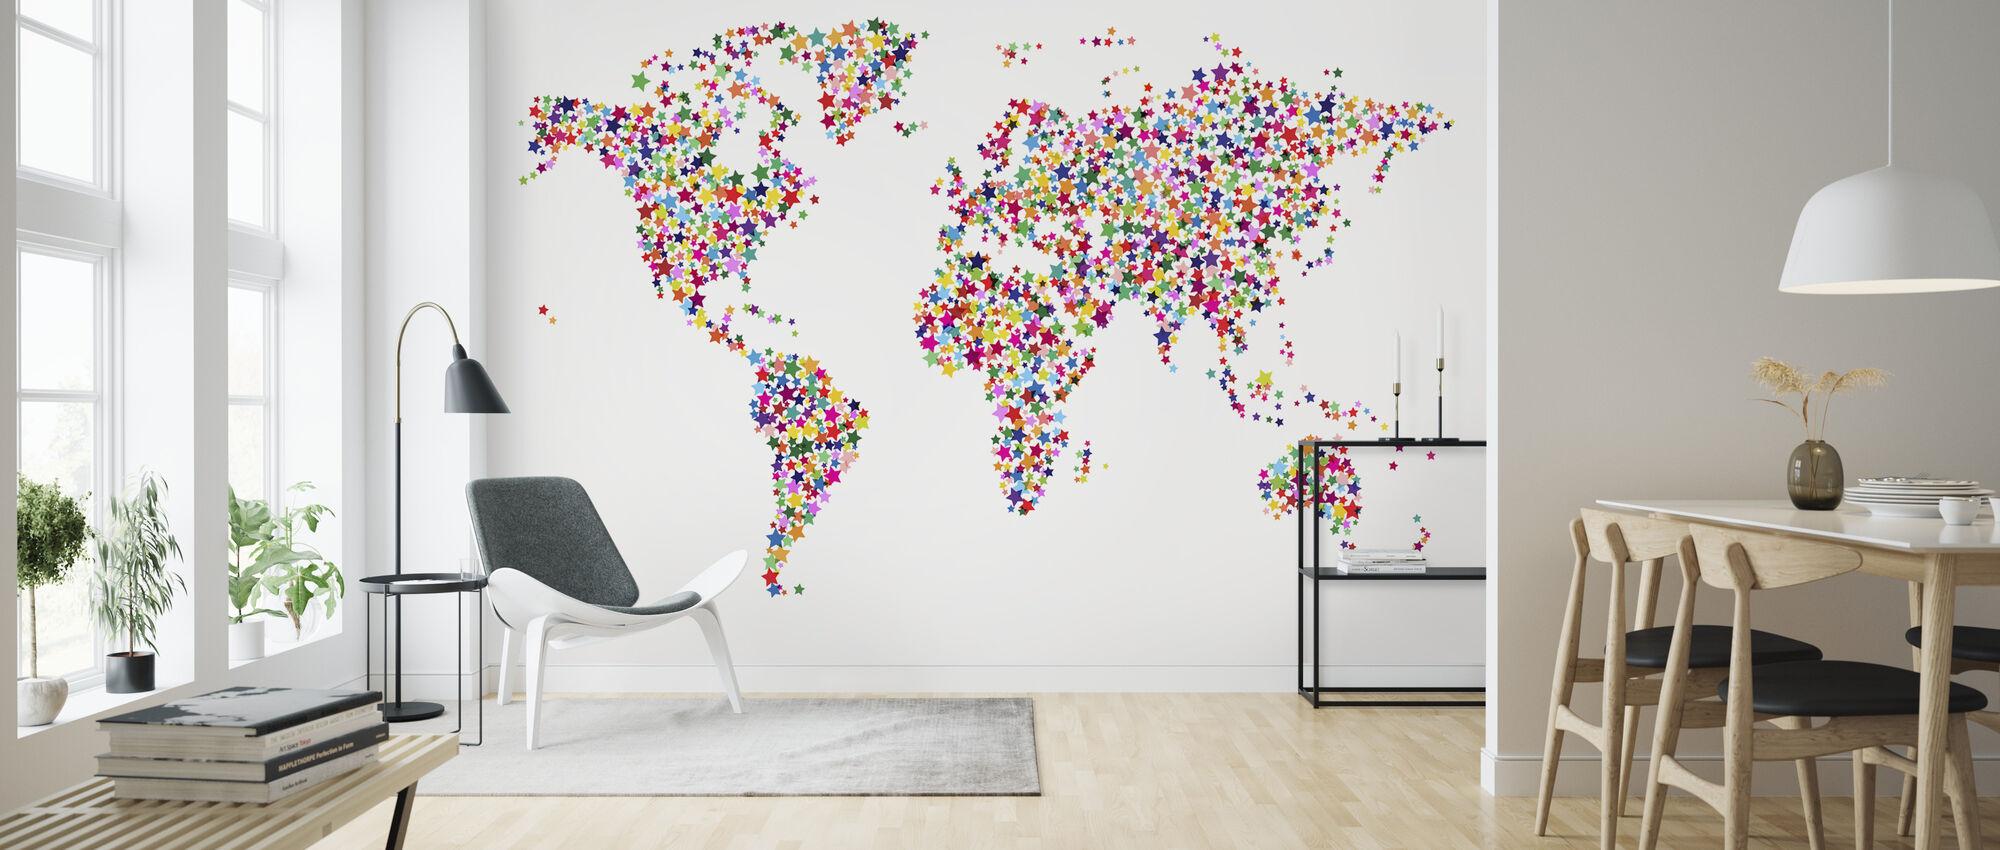 Tähdet maailmankartan väri - Tapetti - Olohuone